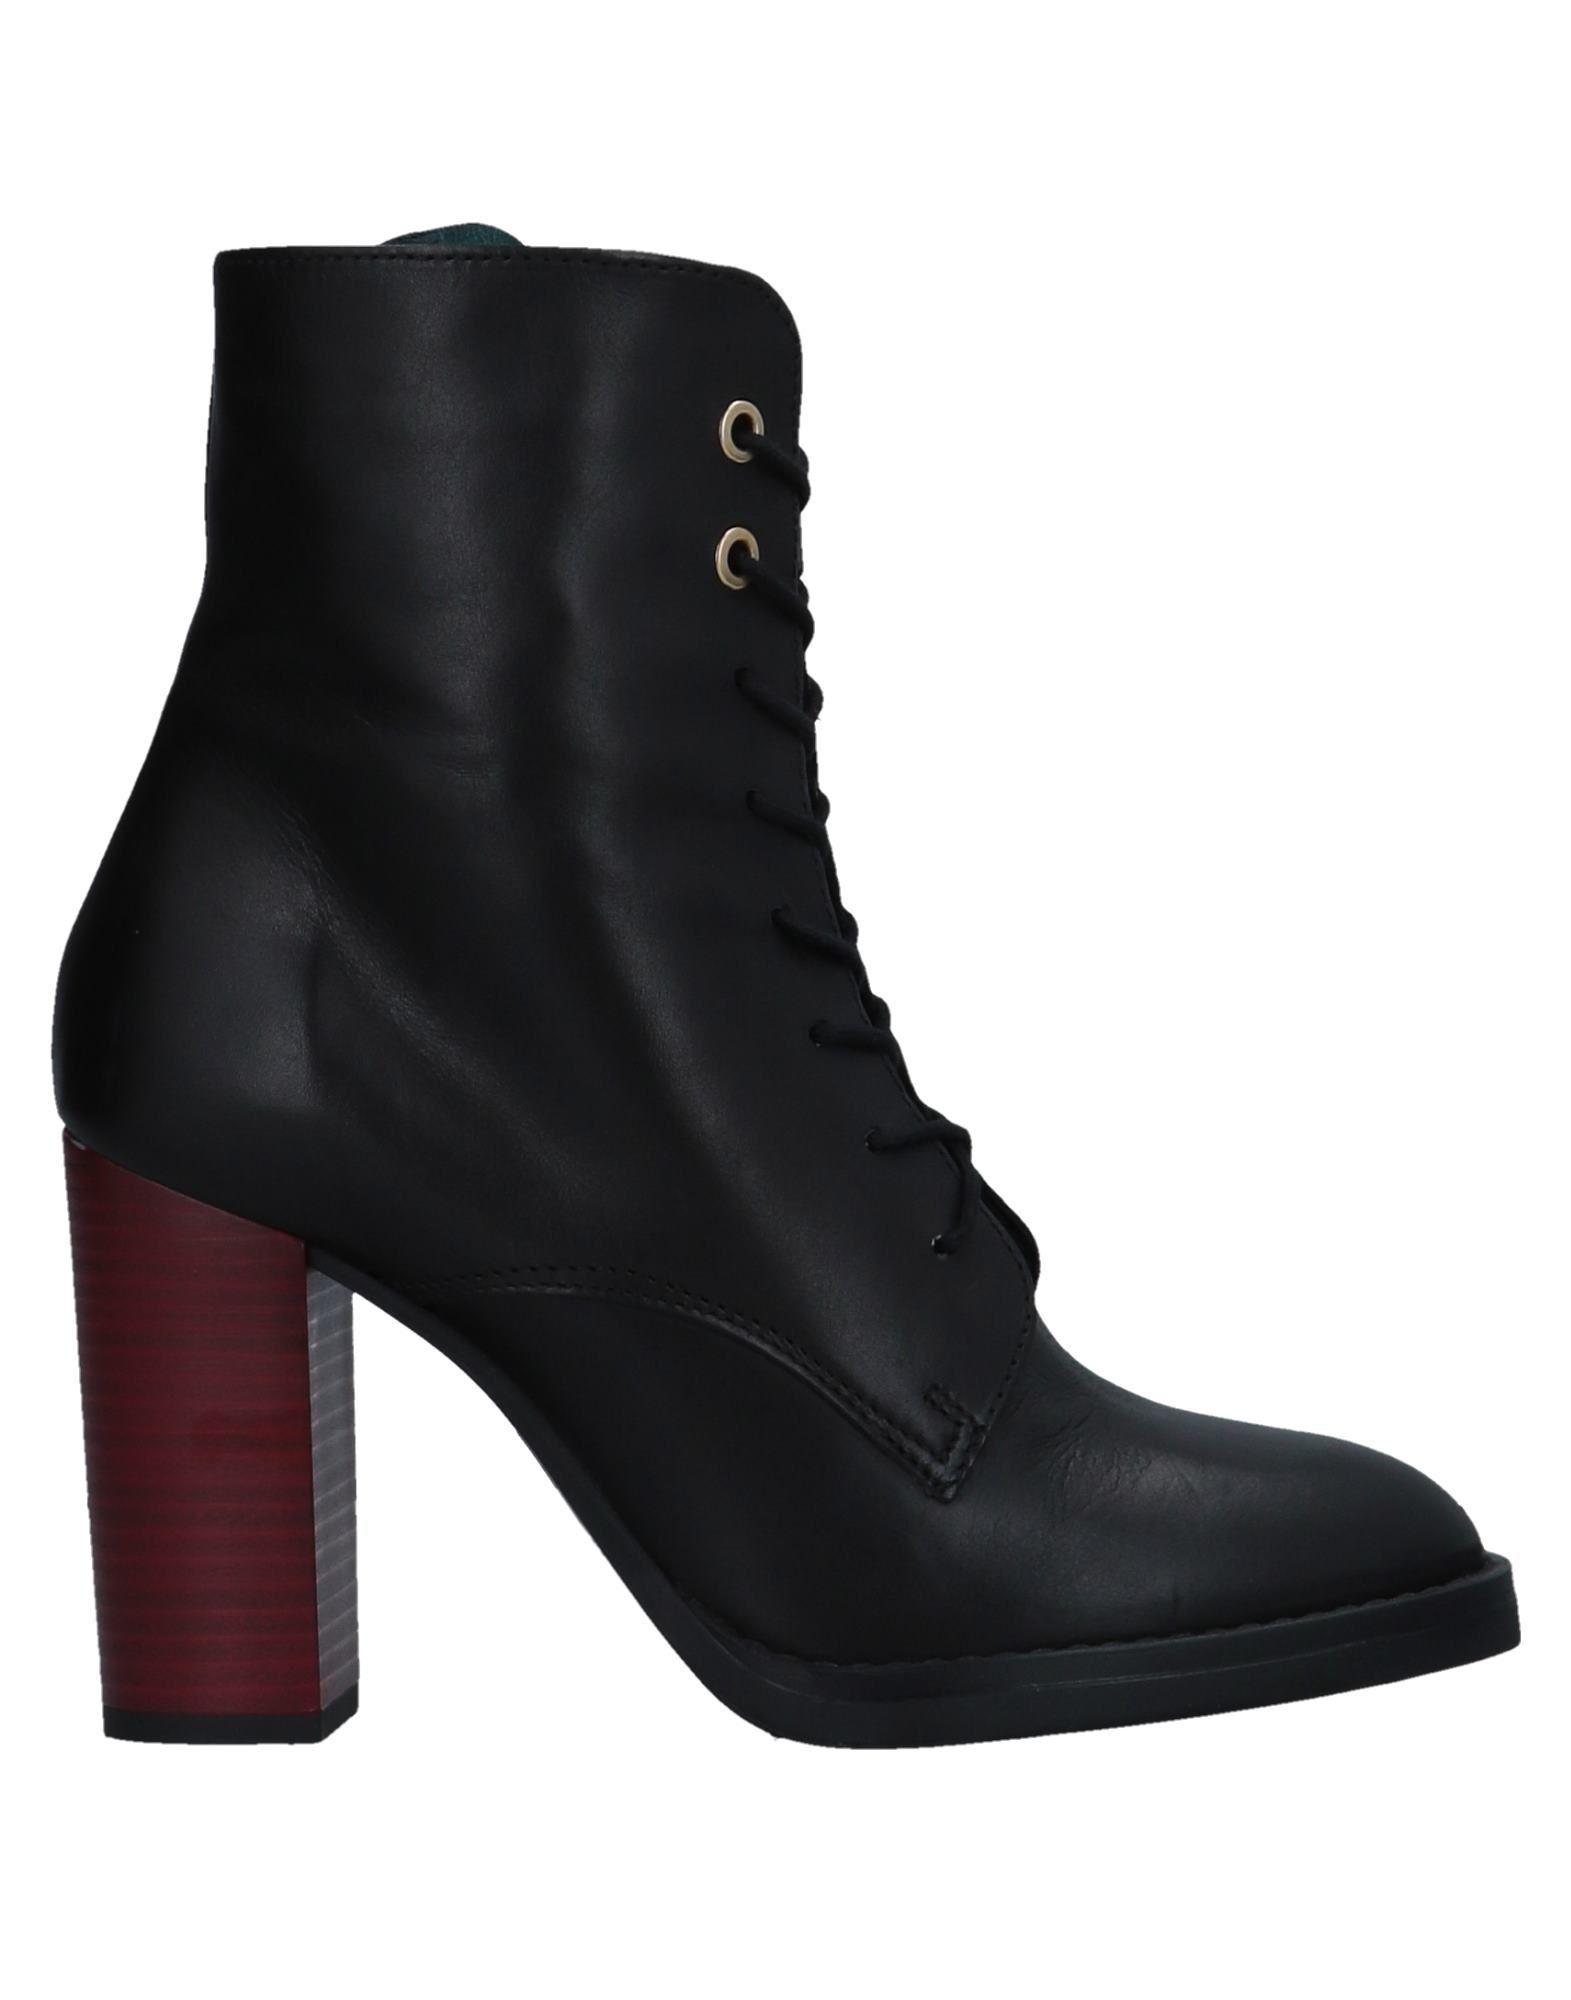 Fabbrica Deicolli Stiefelette Damen  11538262KG Gute Qualität beliebte Schuhe